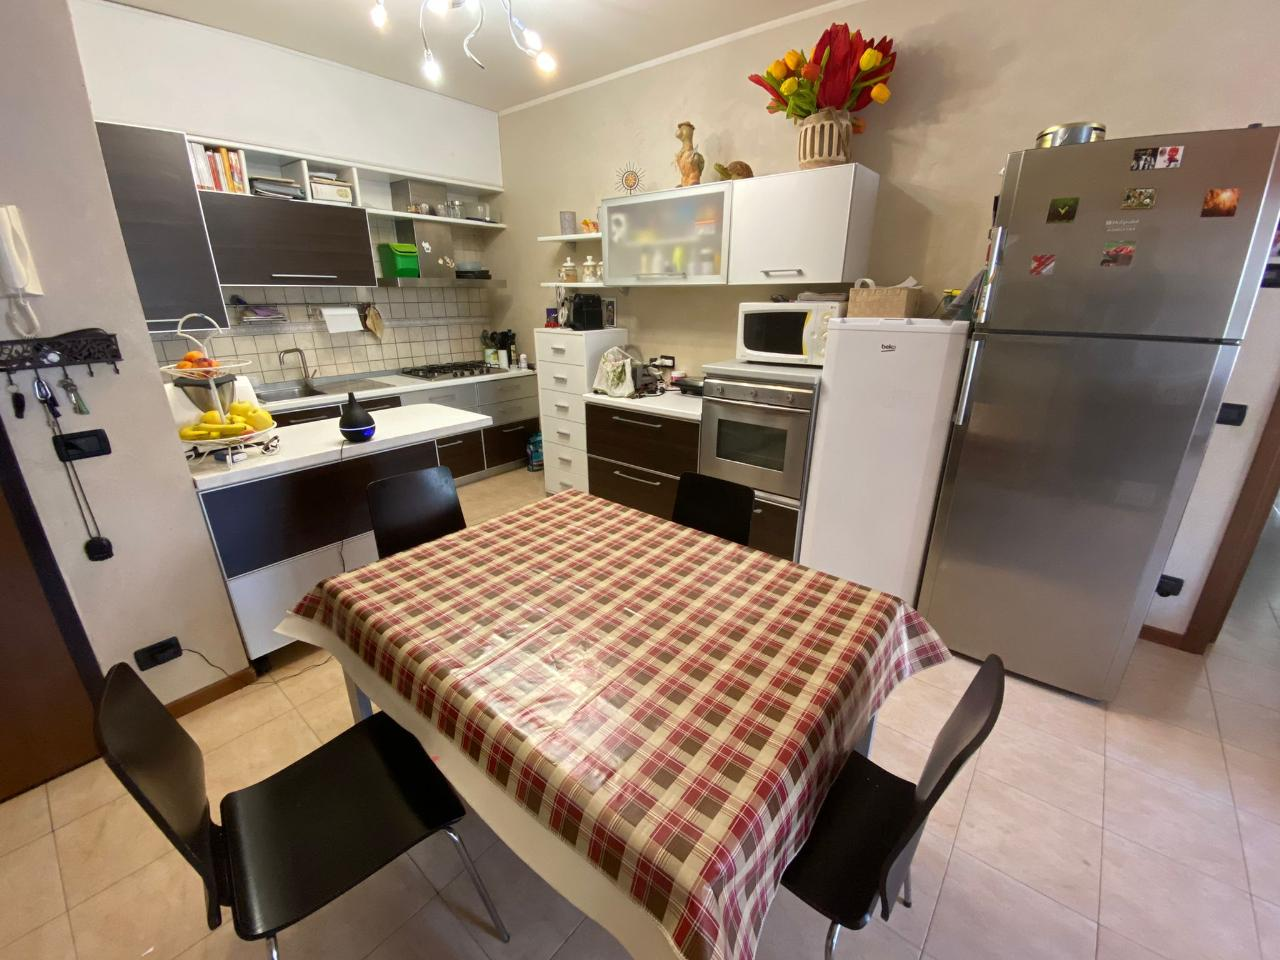 Appartamento PIEVE SAN GIACOMO Euro 70.000,00